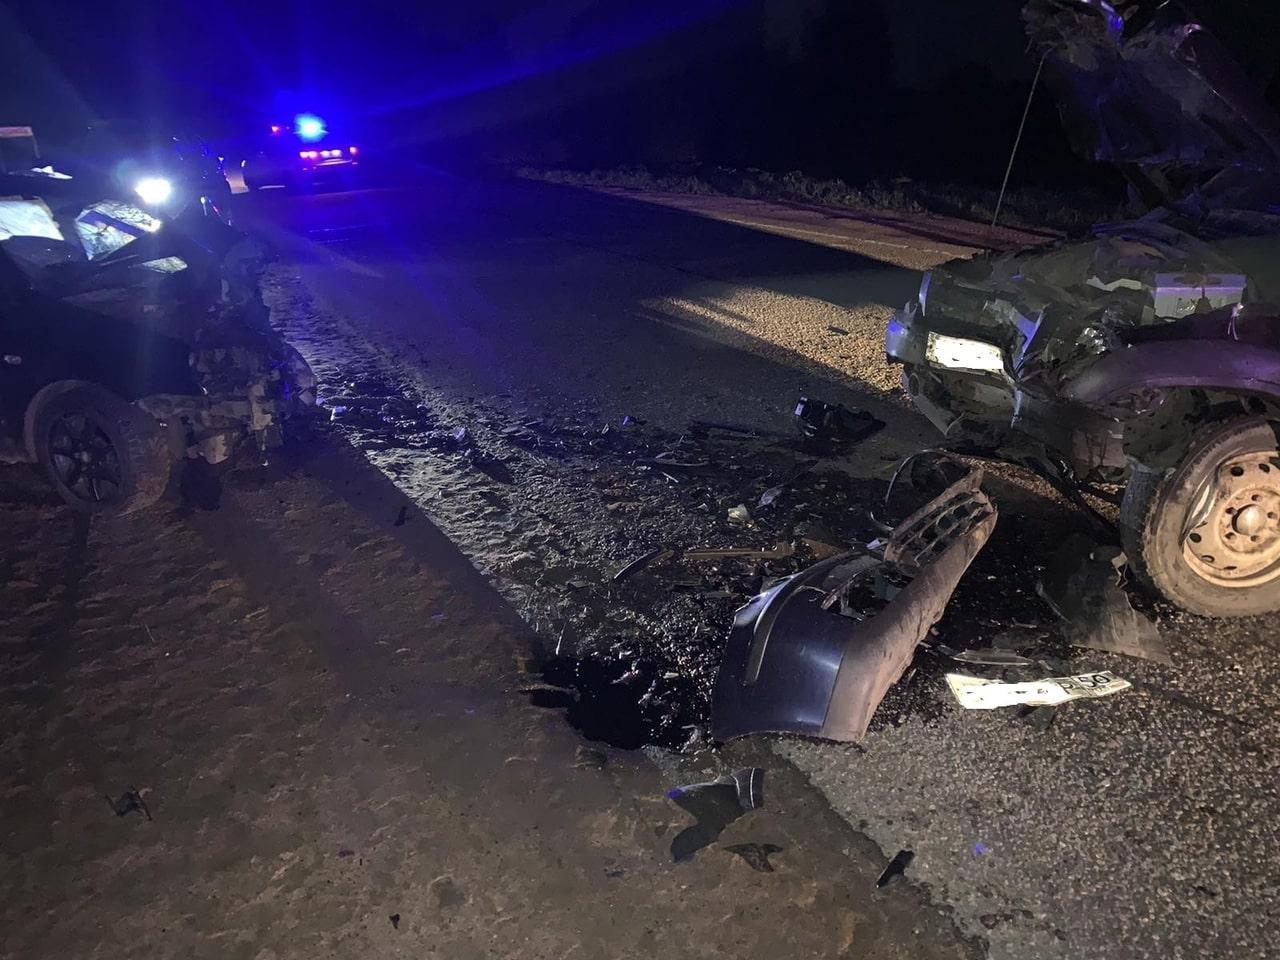 Пьяный водитель спровоцировал смертельное ДТП в Тверской области